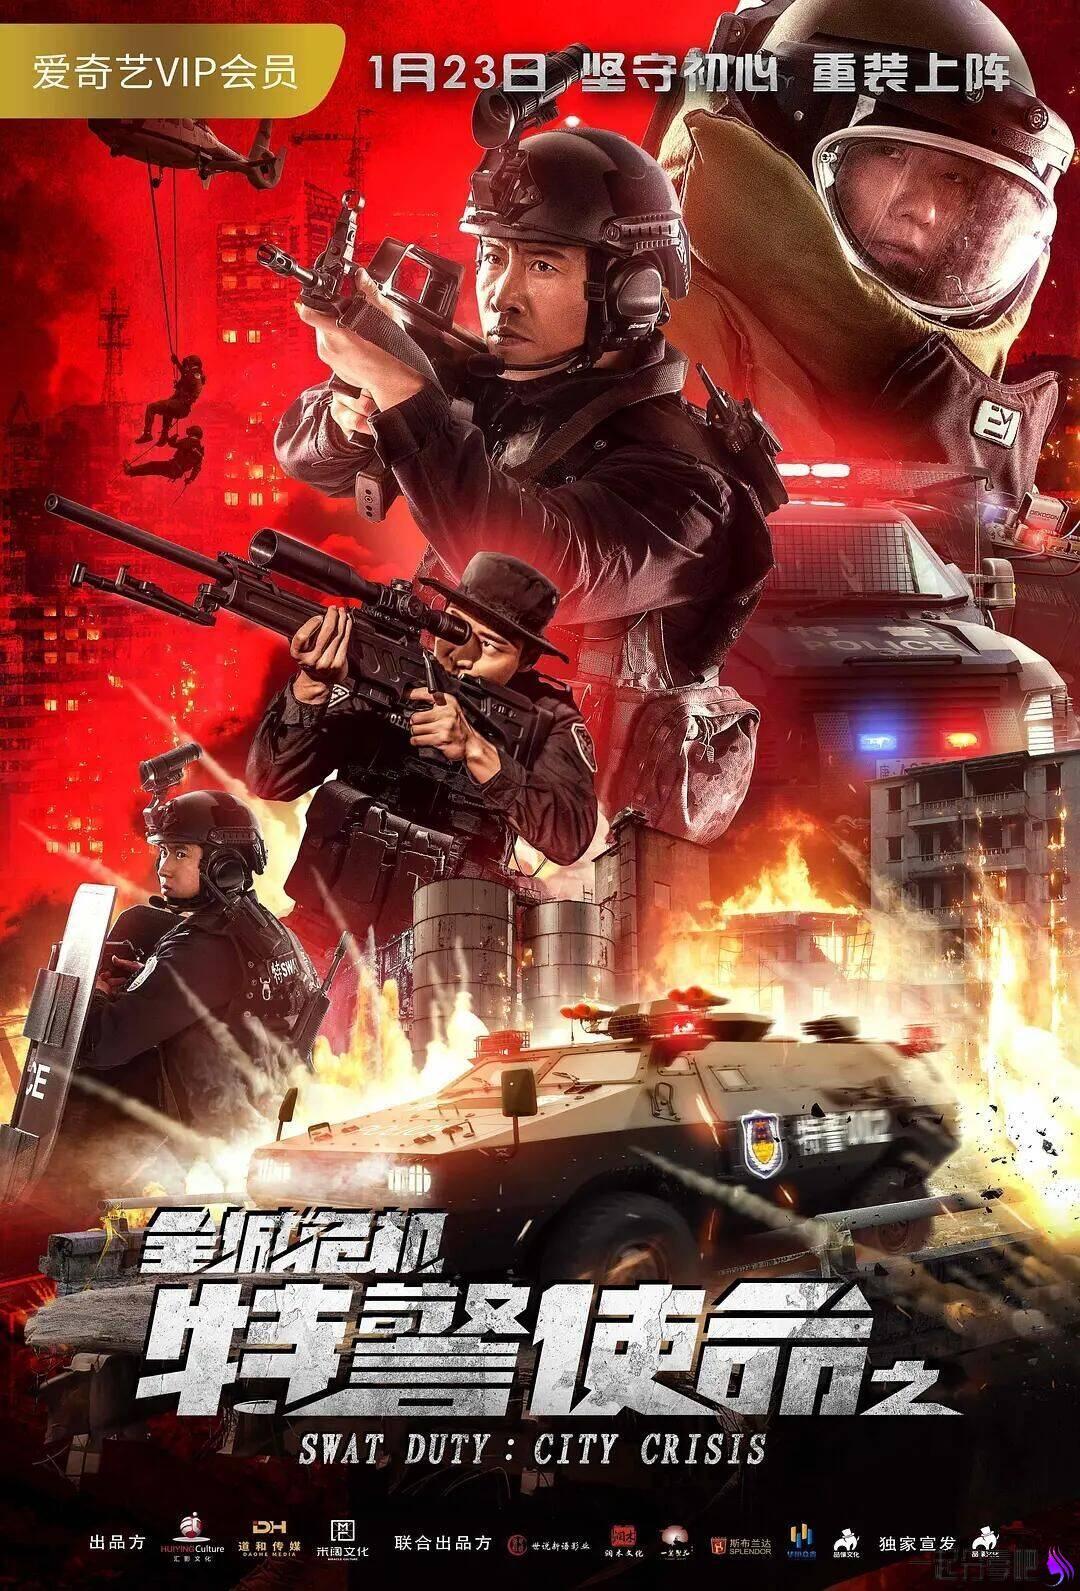 《特警使命之全城危机》HD1080p国语中字版 第1张